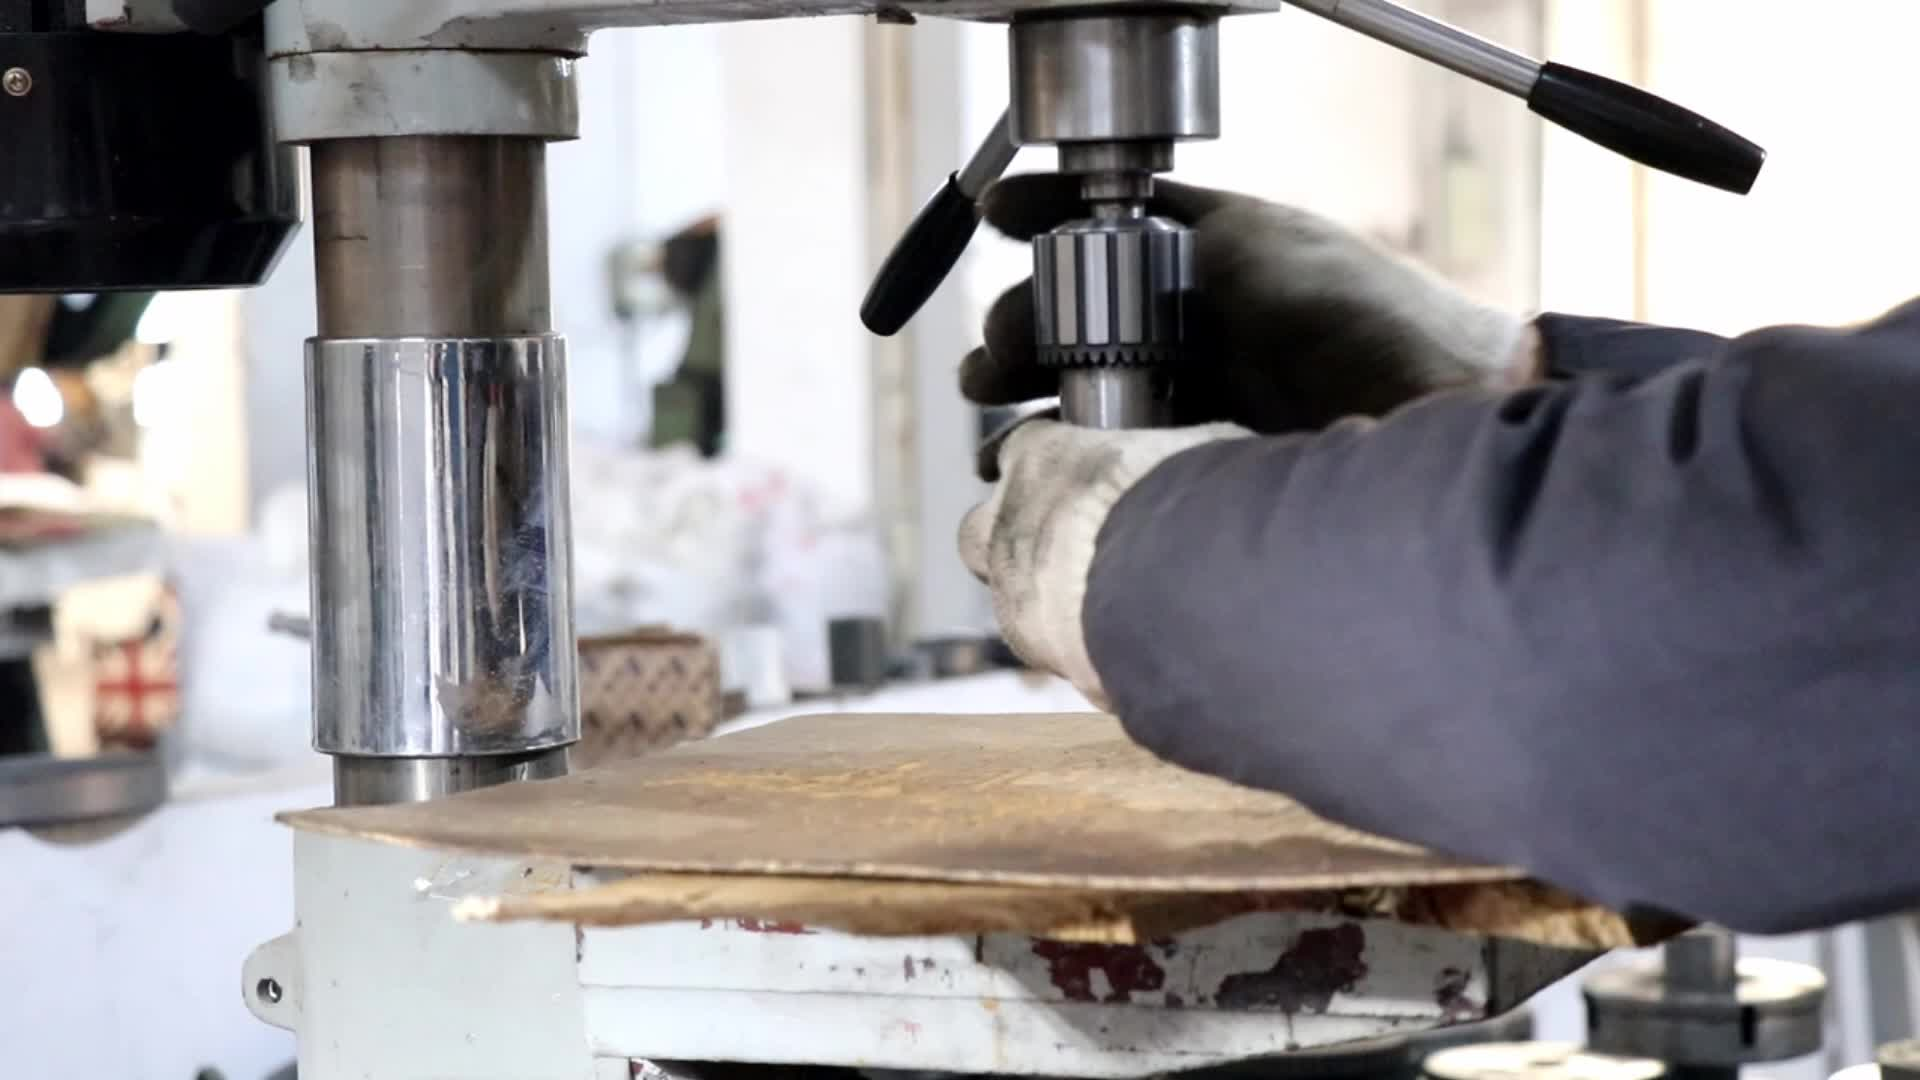 16Pcs Carbon Stahl Holz Loch Sah Kit Set für Holz Trockenbau Kunststoff Schneiden bohrer in Kunststoff box